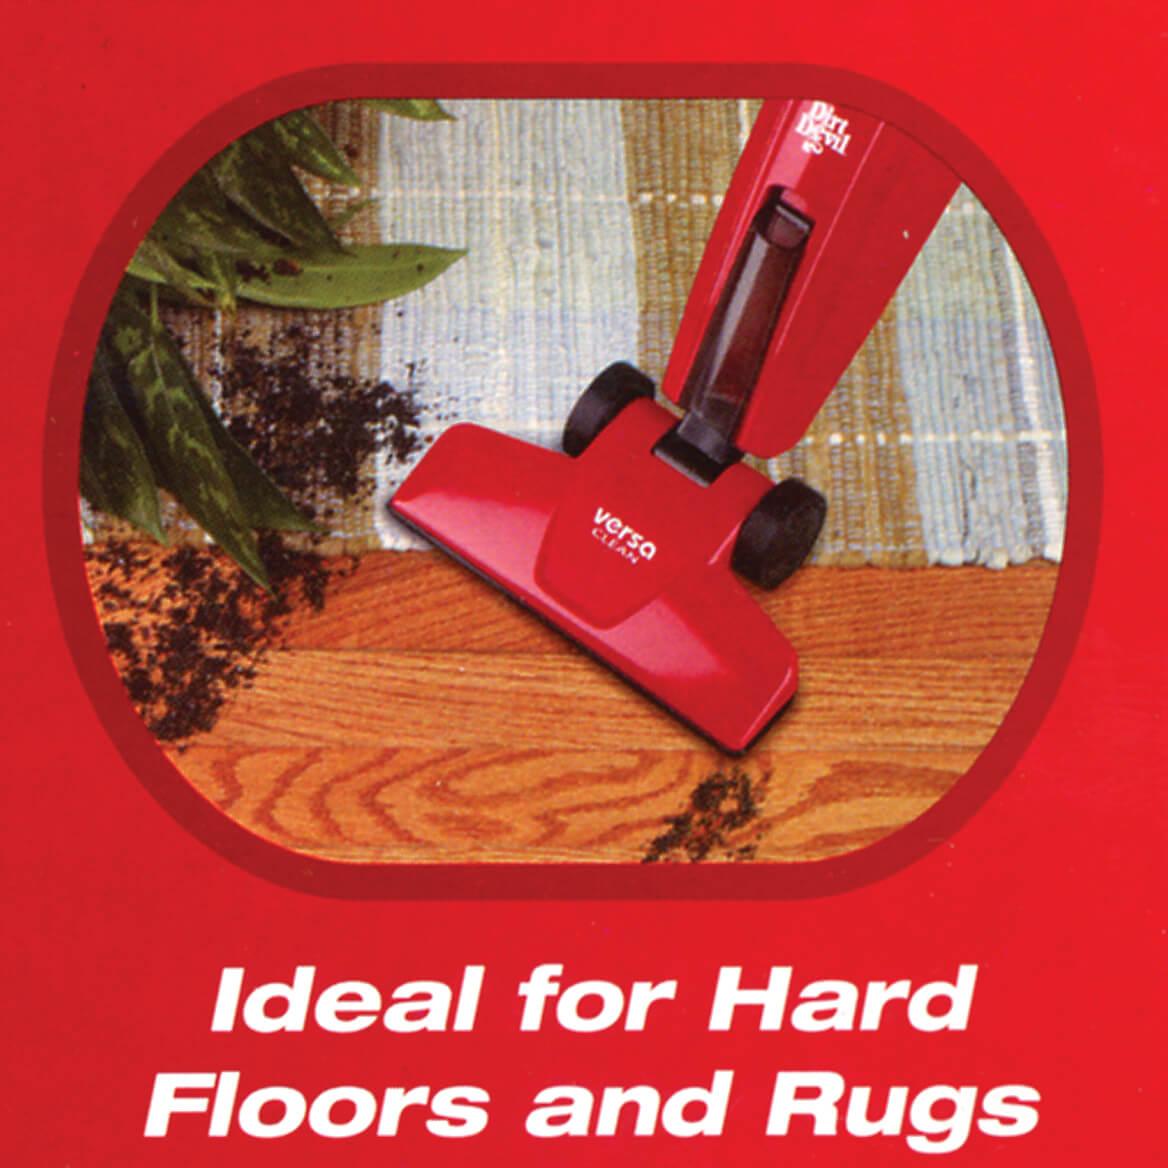 Dirt Devil Versa Clean™ Bagless Stick Vacuum-371923